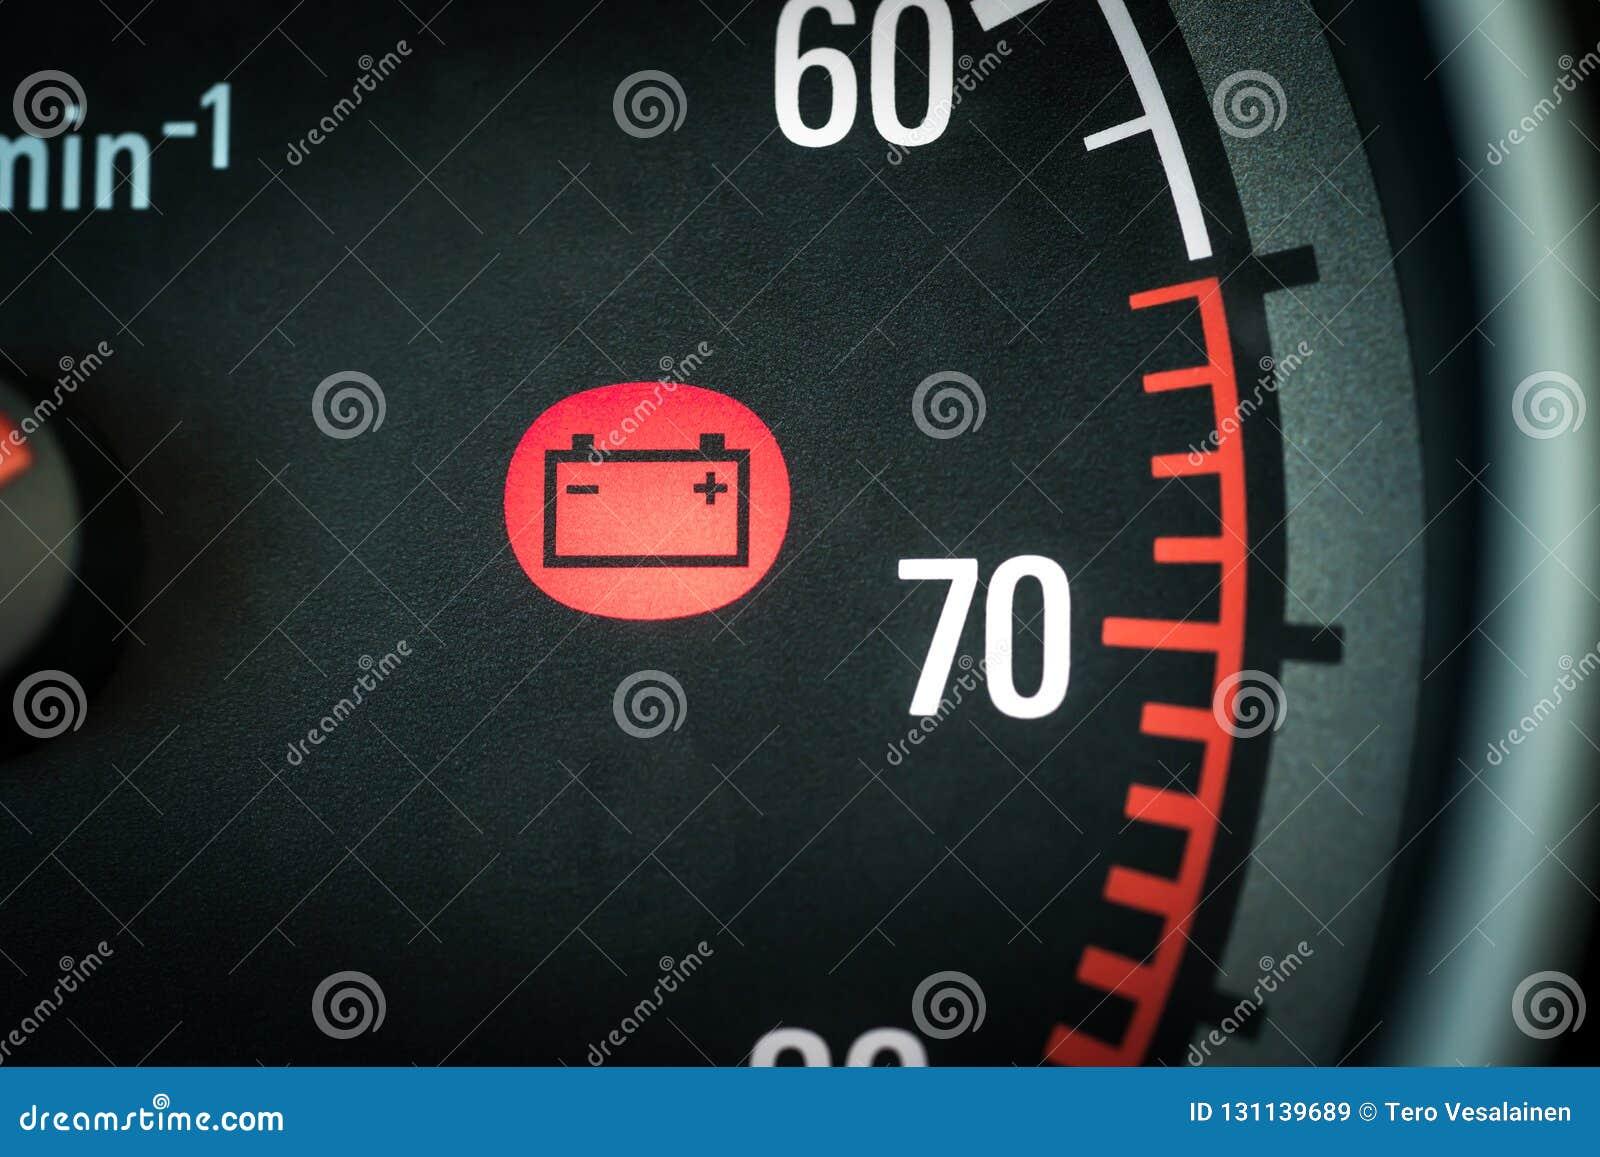 Samochodowej baterii światło w desce rozdzielczej ostrzega o problemach Pojazdu panel z czerwoną wskaźnik elektryczności ikoną i